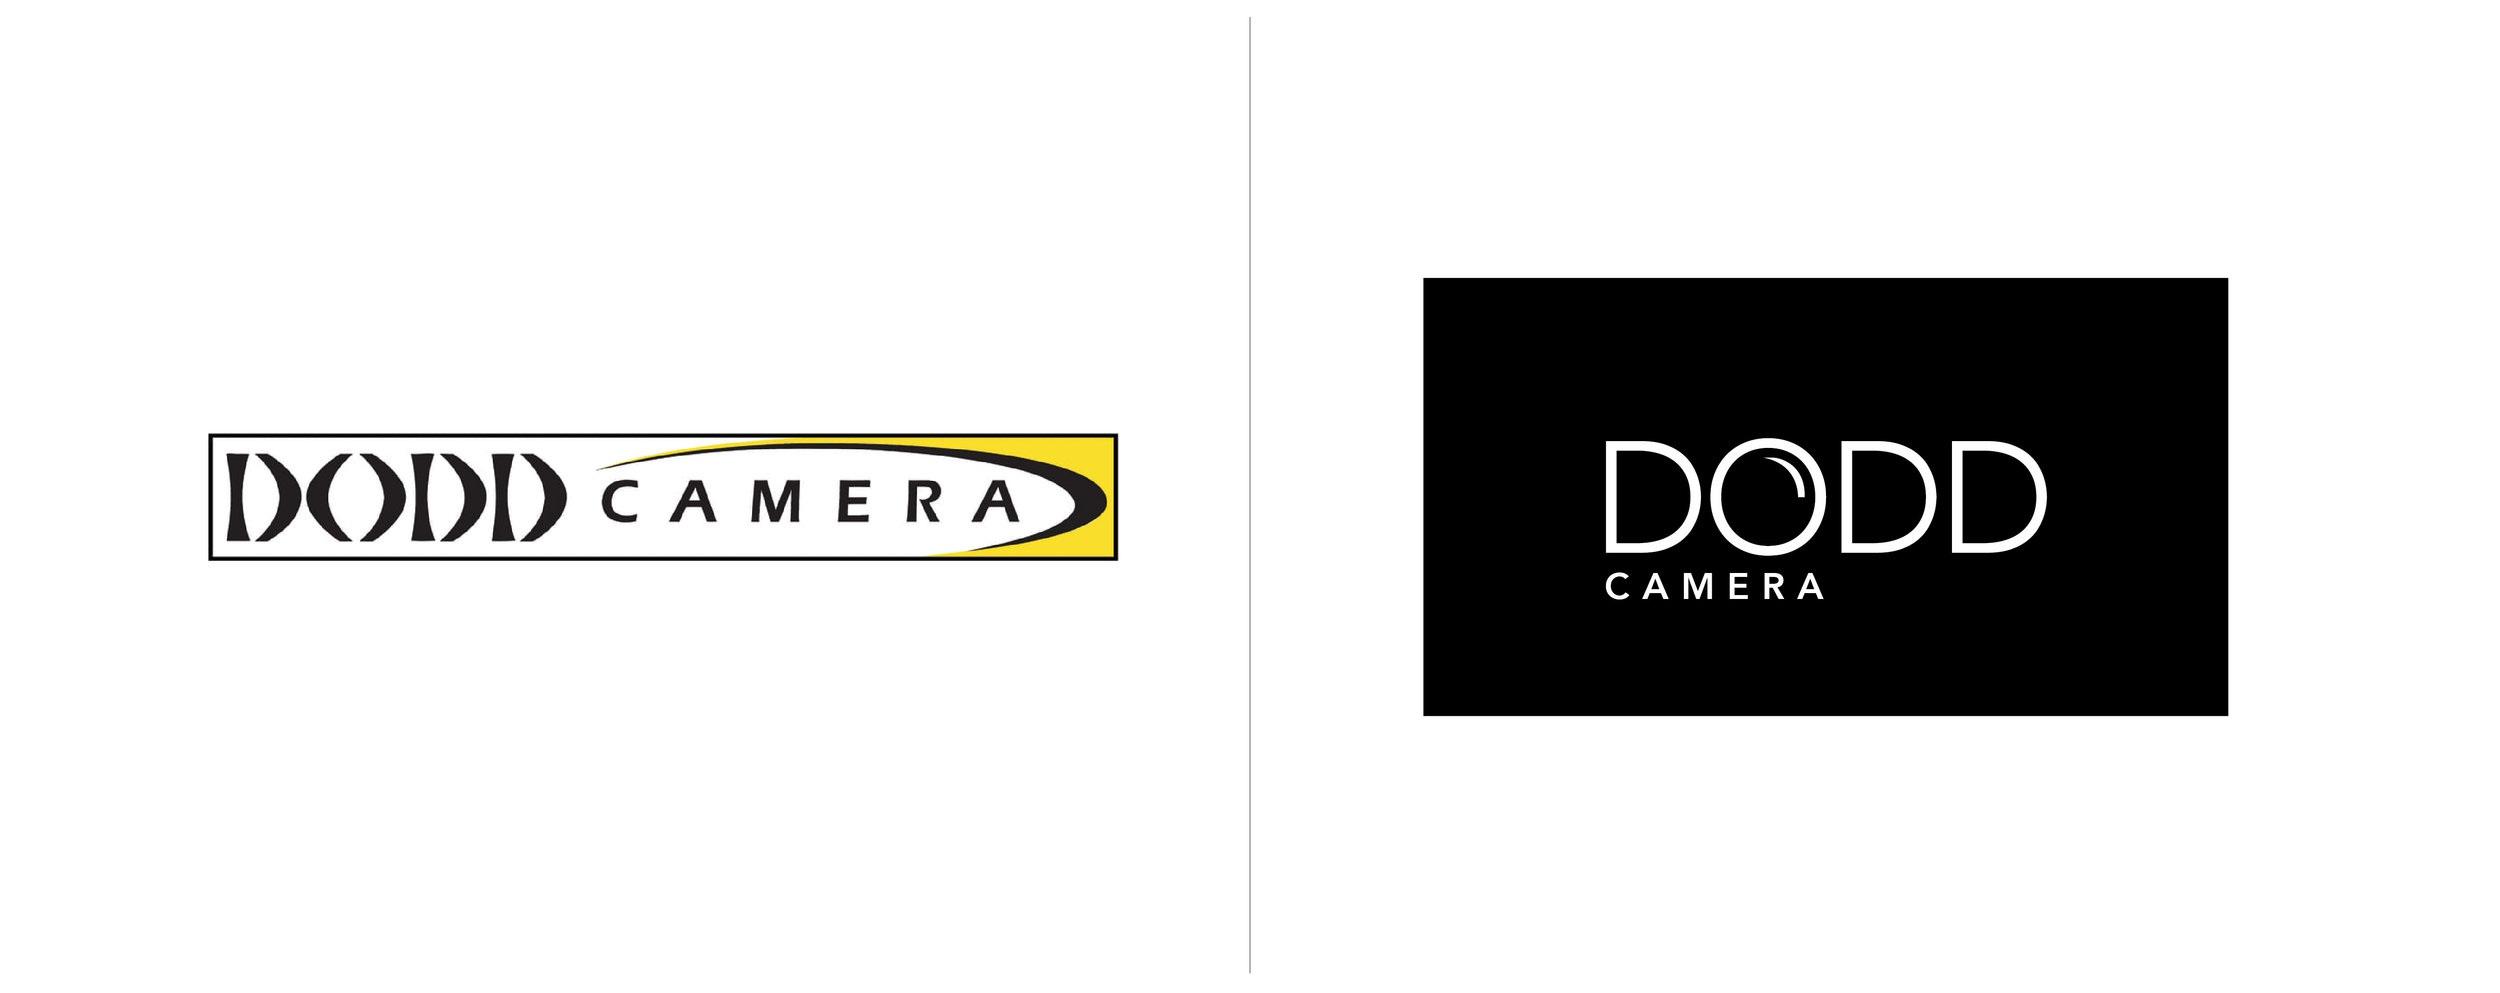 DODD_Compare-01.jpg